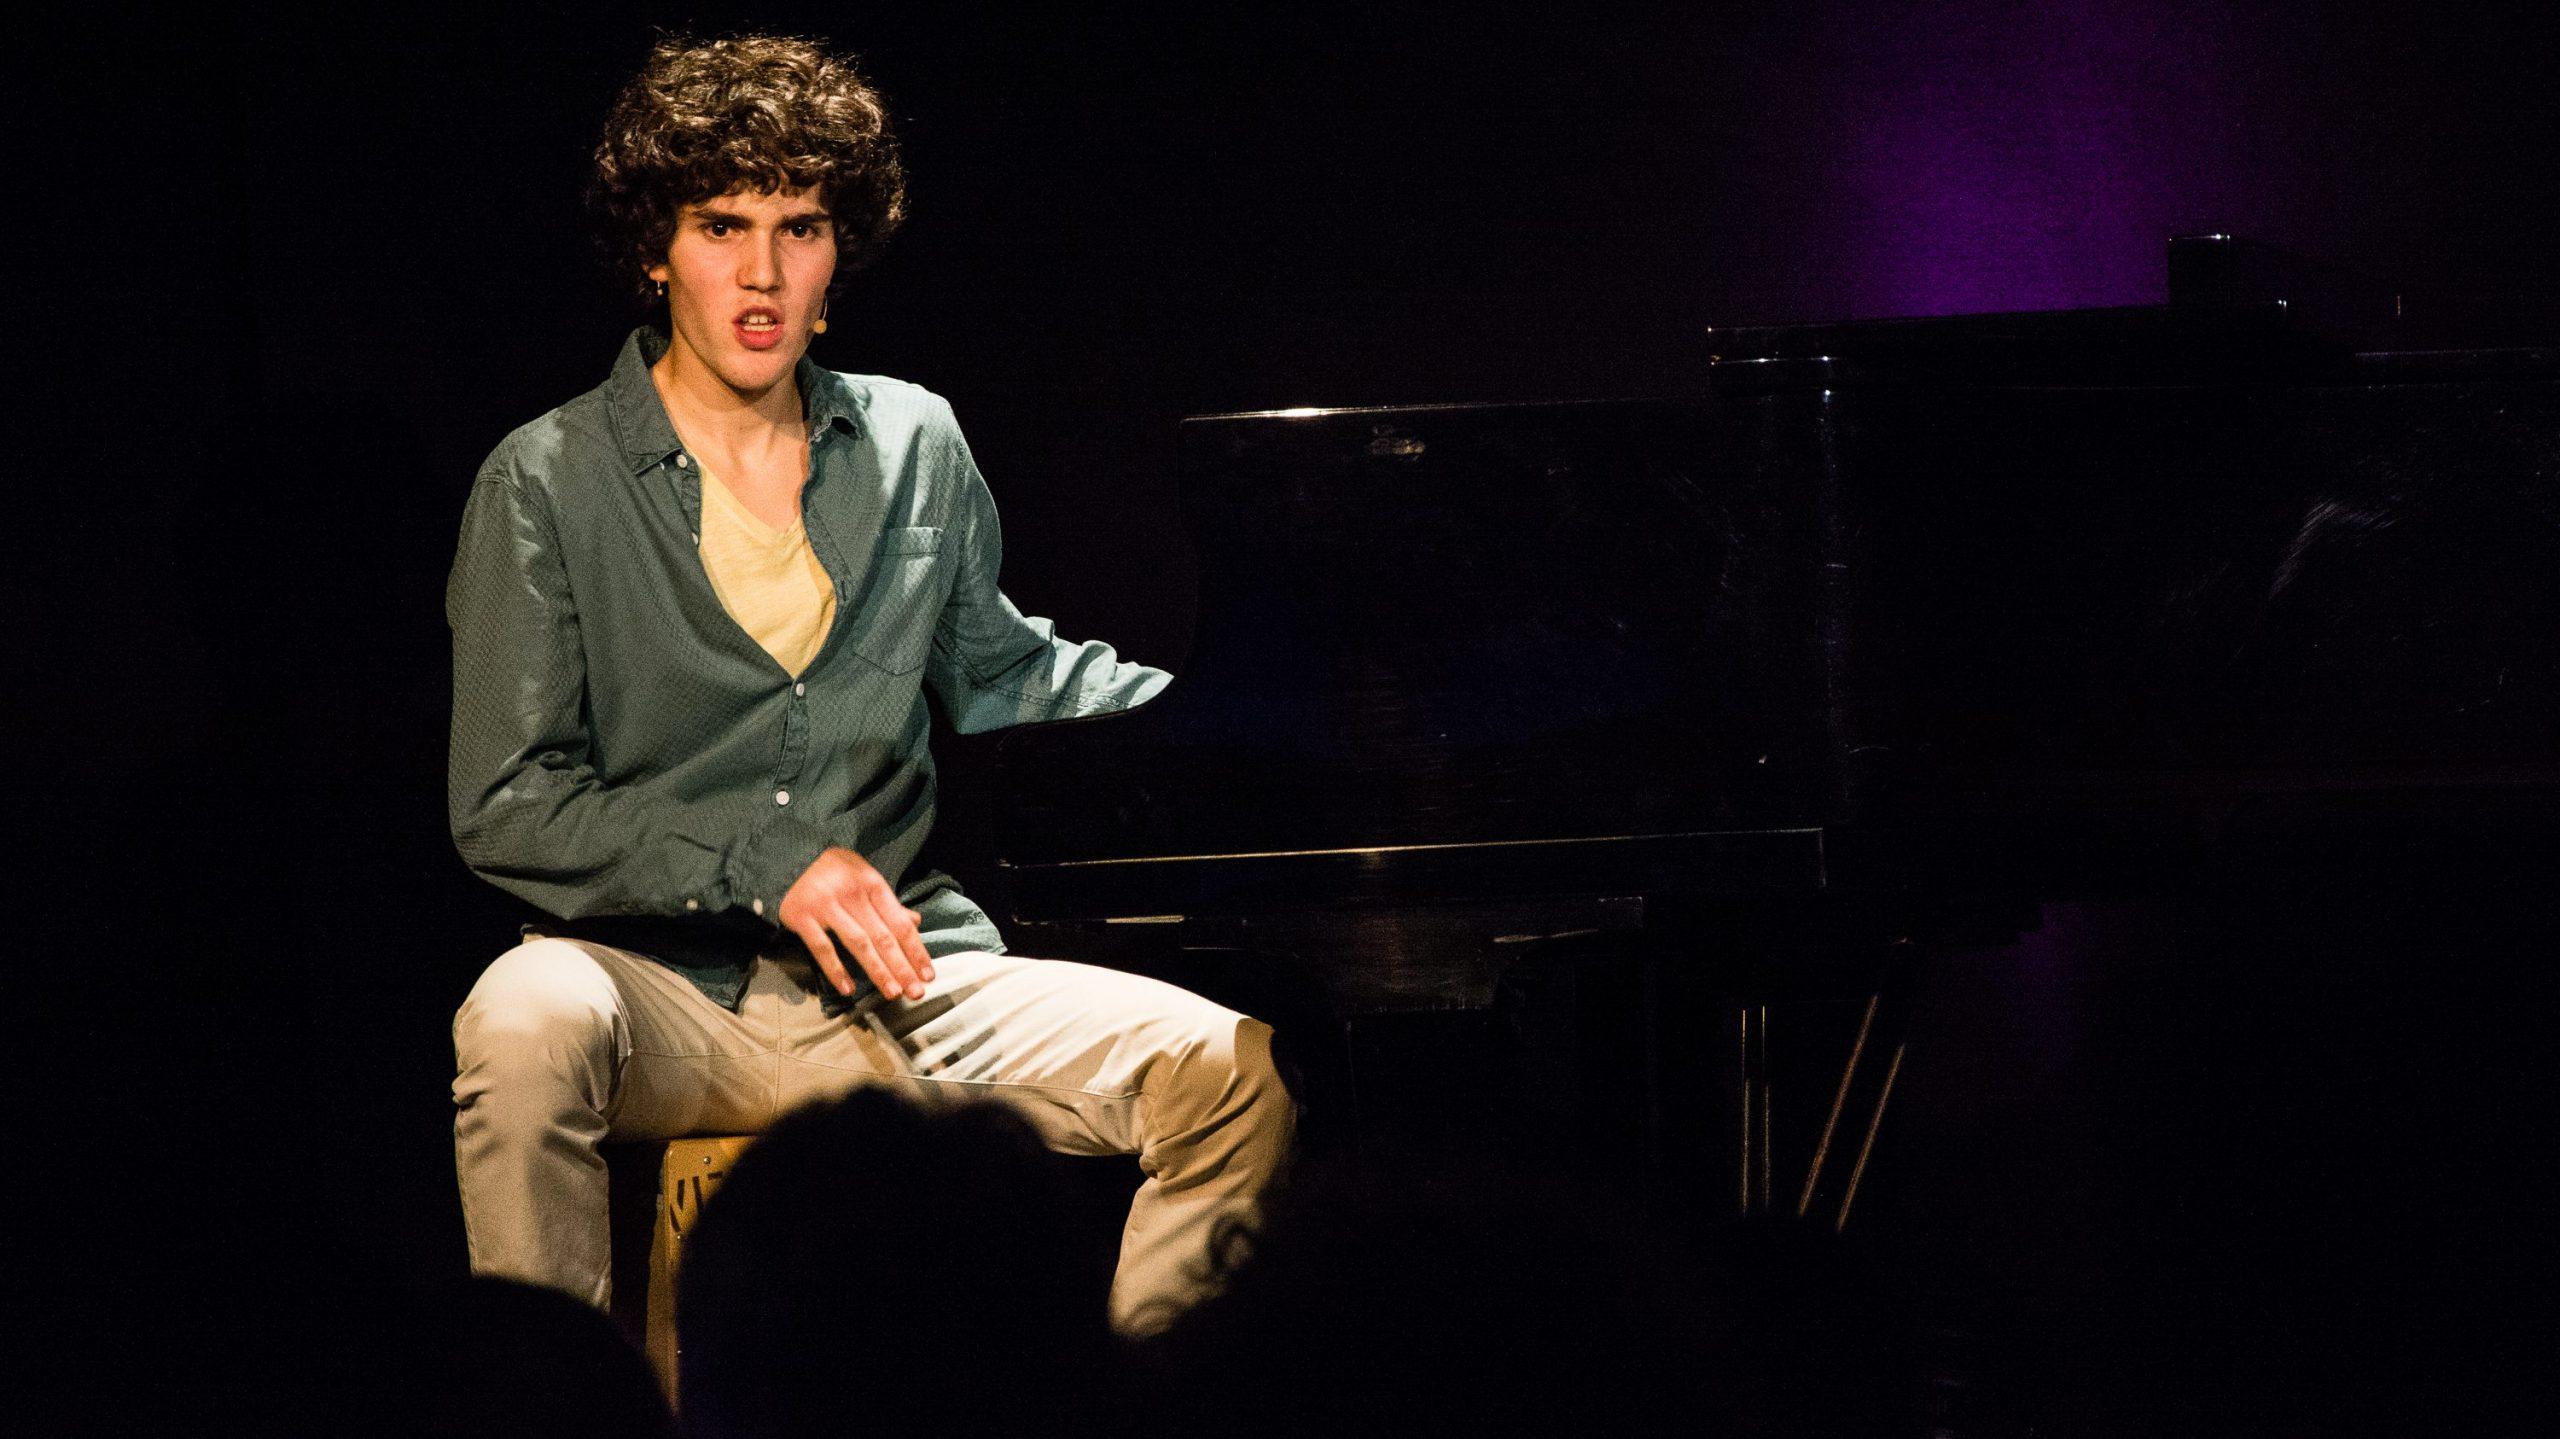 Klavierkabarett; Bild: Hanno Müller